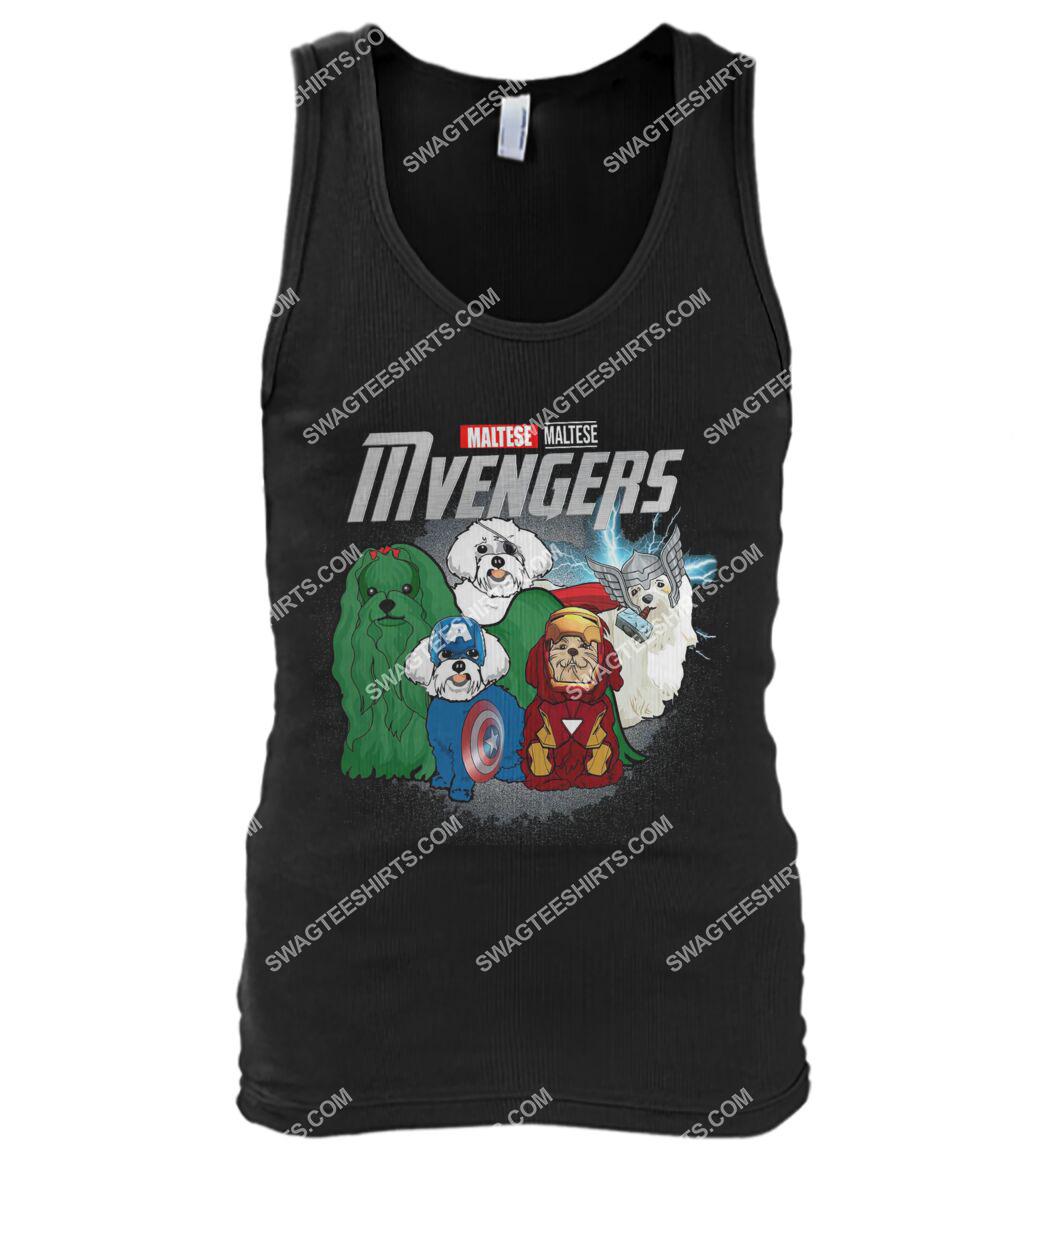 maltese mvengers marvel avengers dogs lover tank top 1